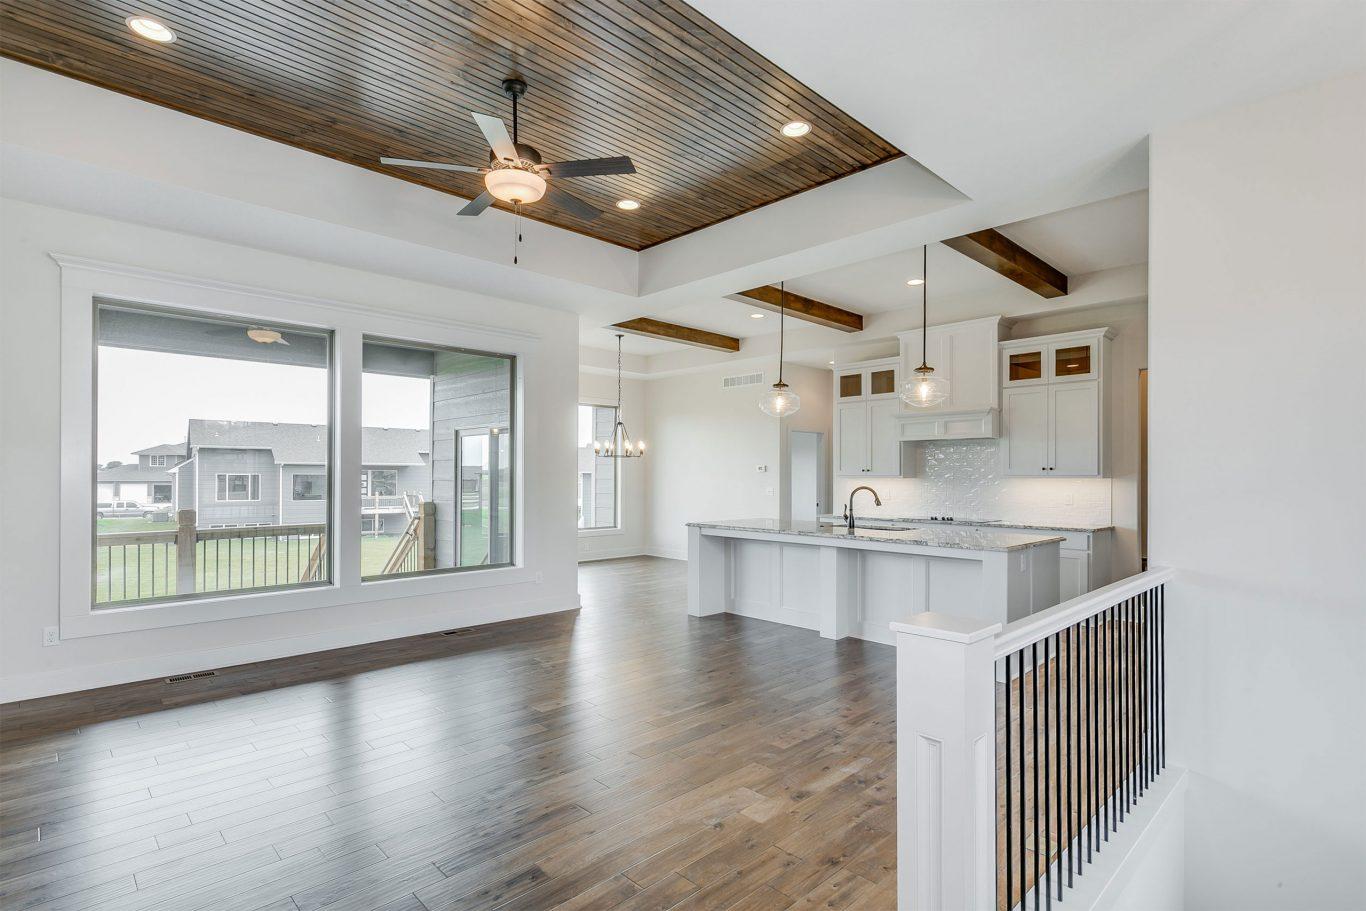 2411 N. Silverdale - Living Room